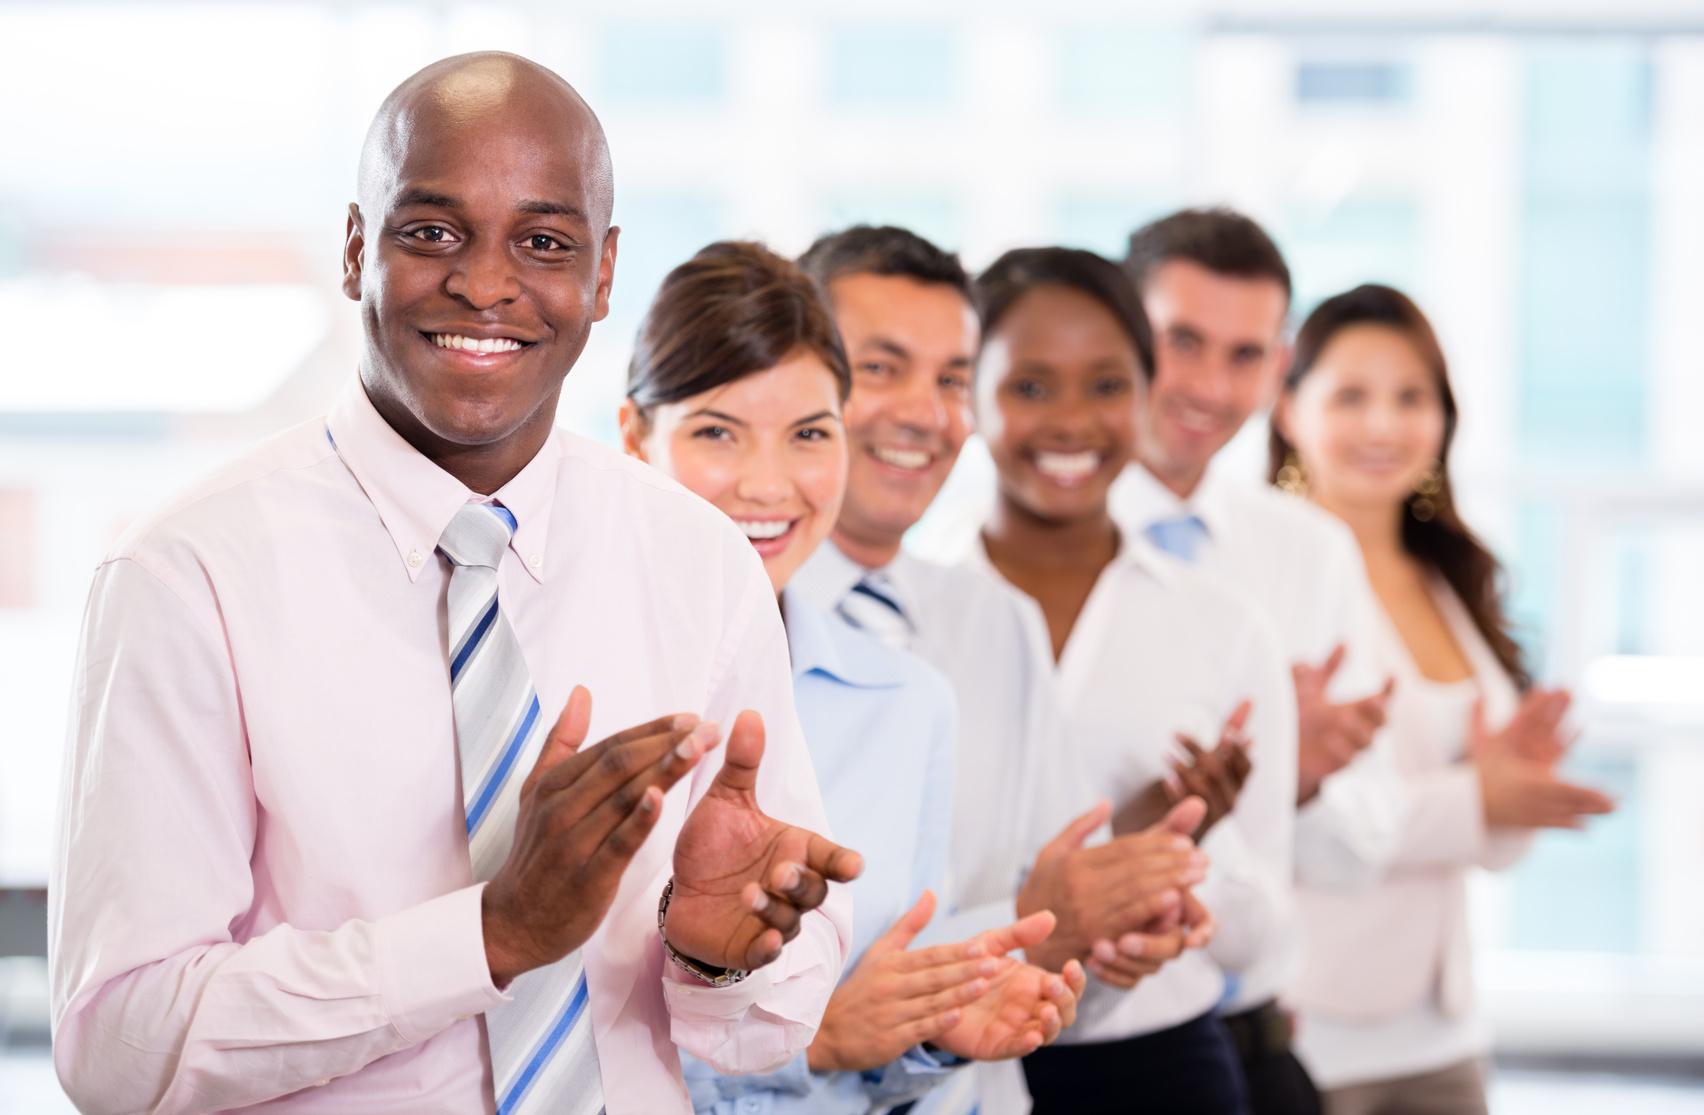 clap_applaud_success